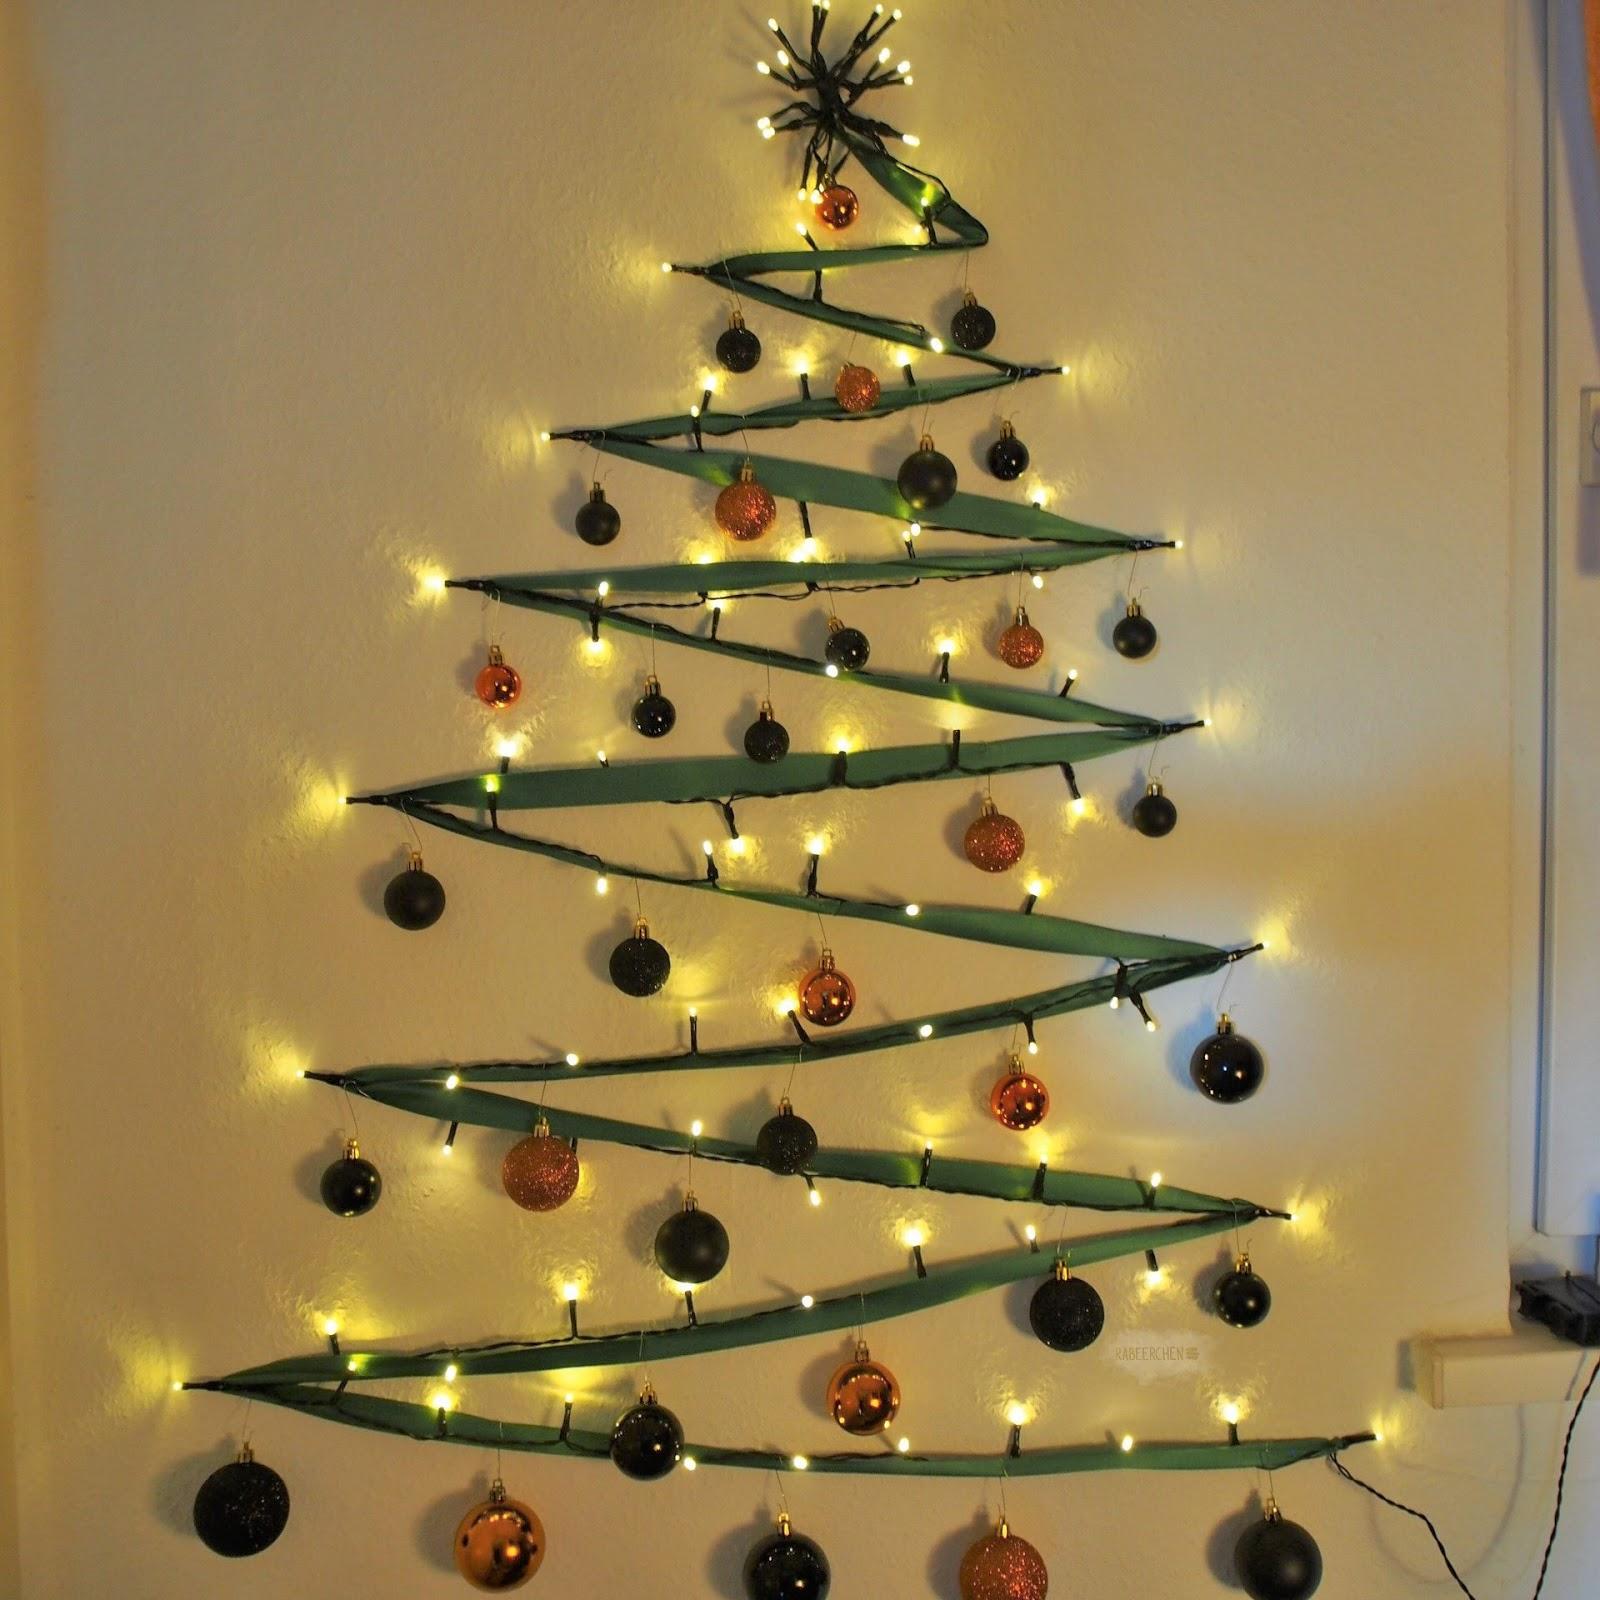 Alternative Zum Weihnachtsbaum rabeerchen do it yourself ein tannenbaum für die kleine wohnung